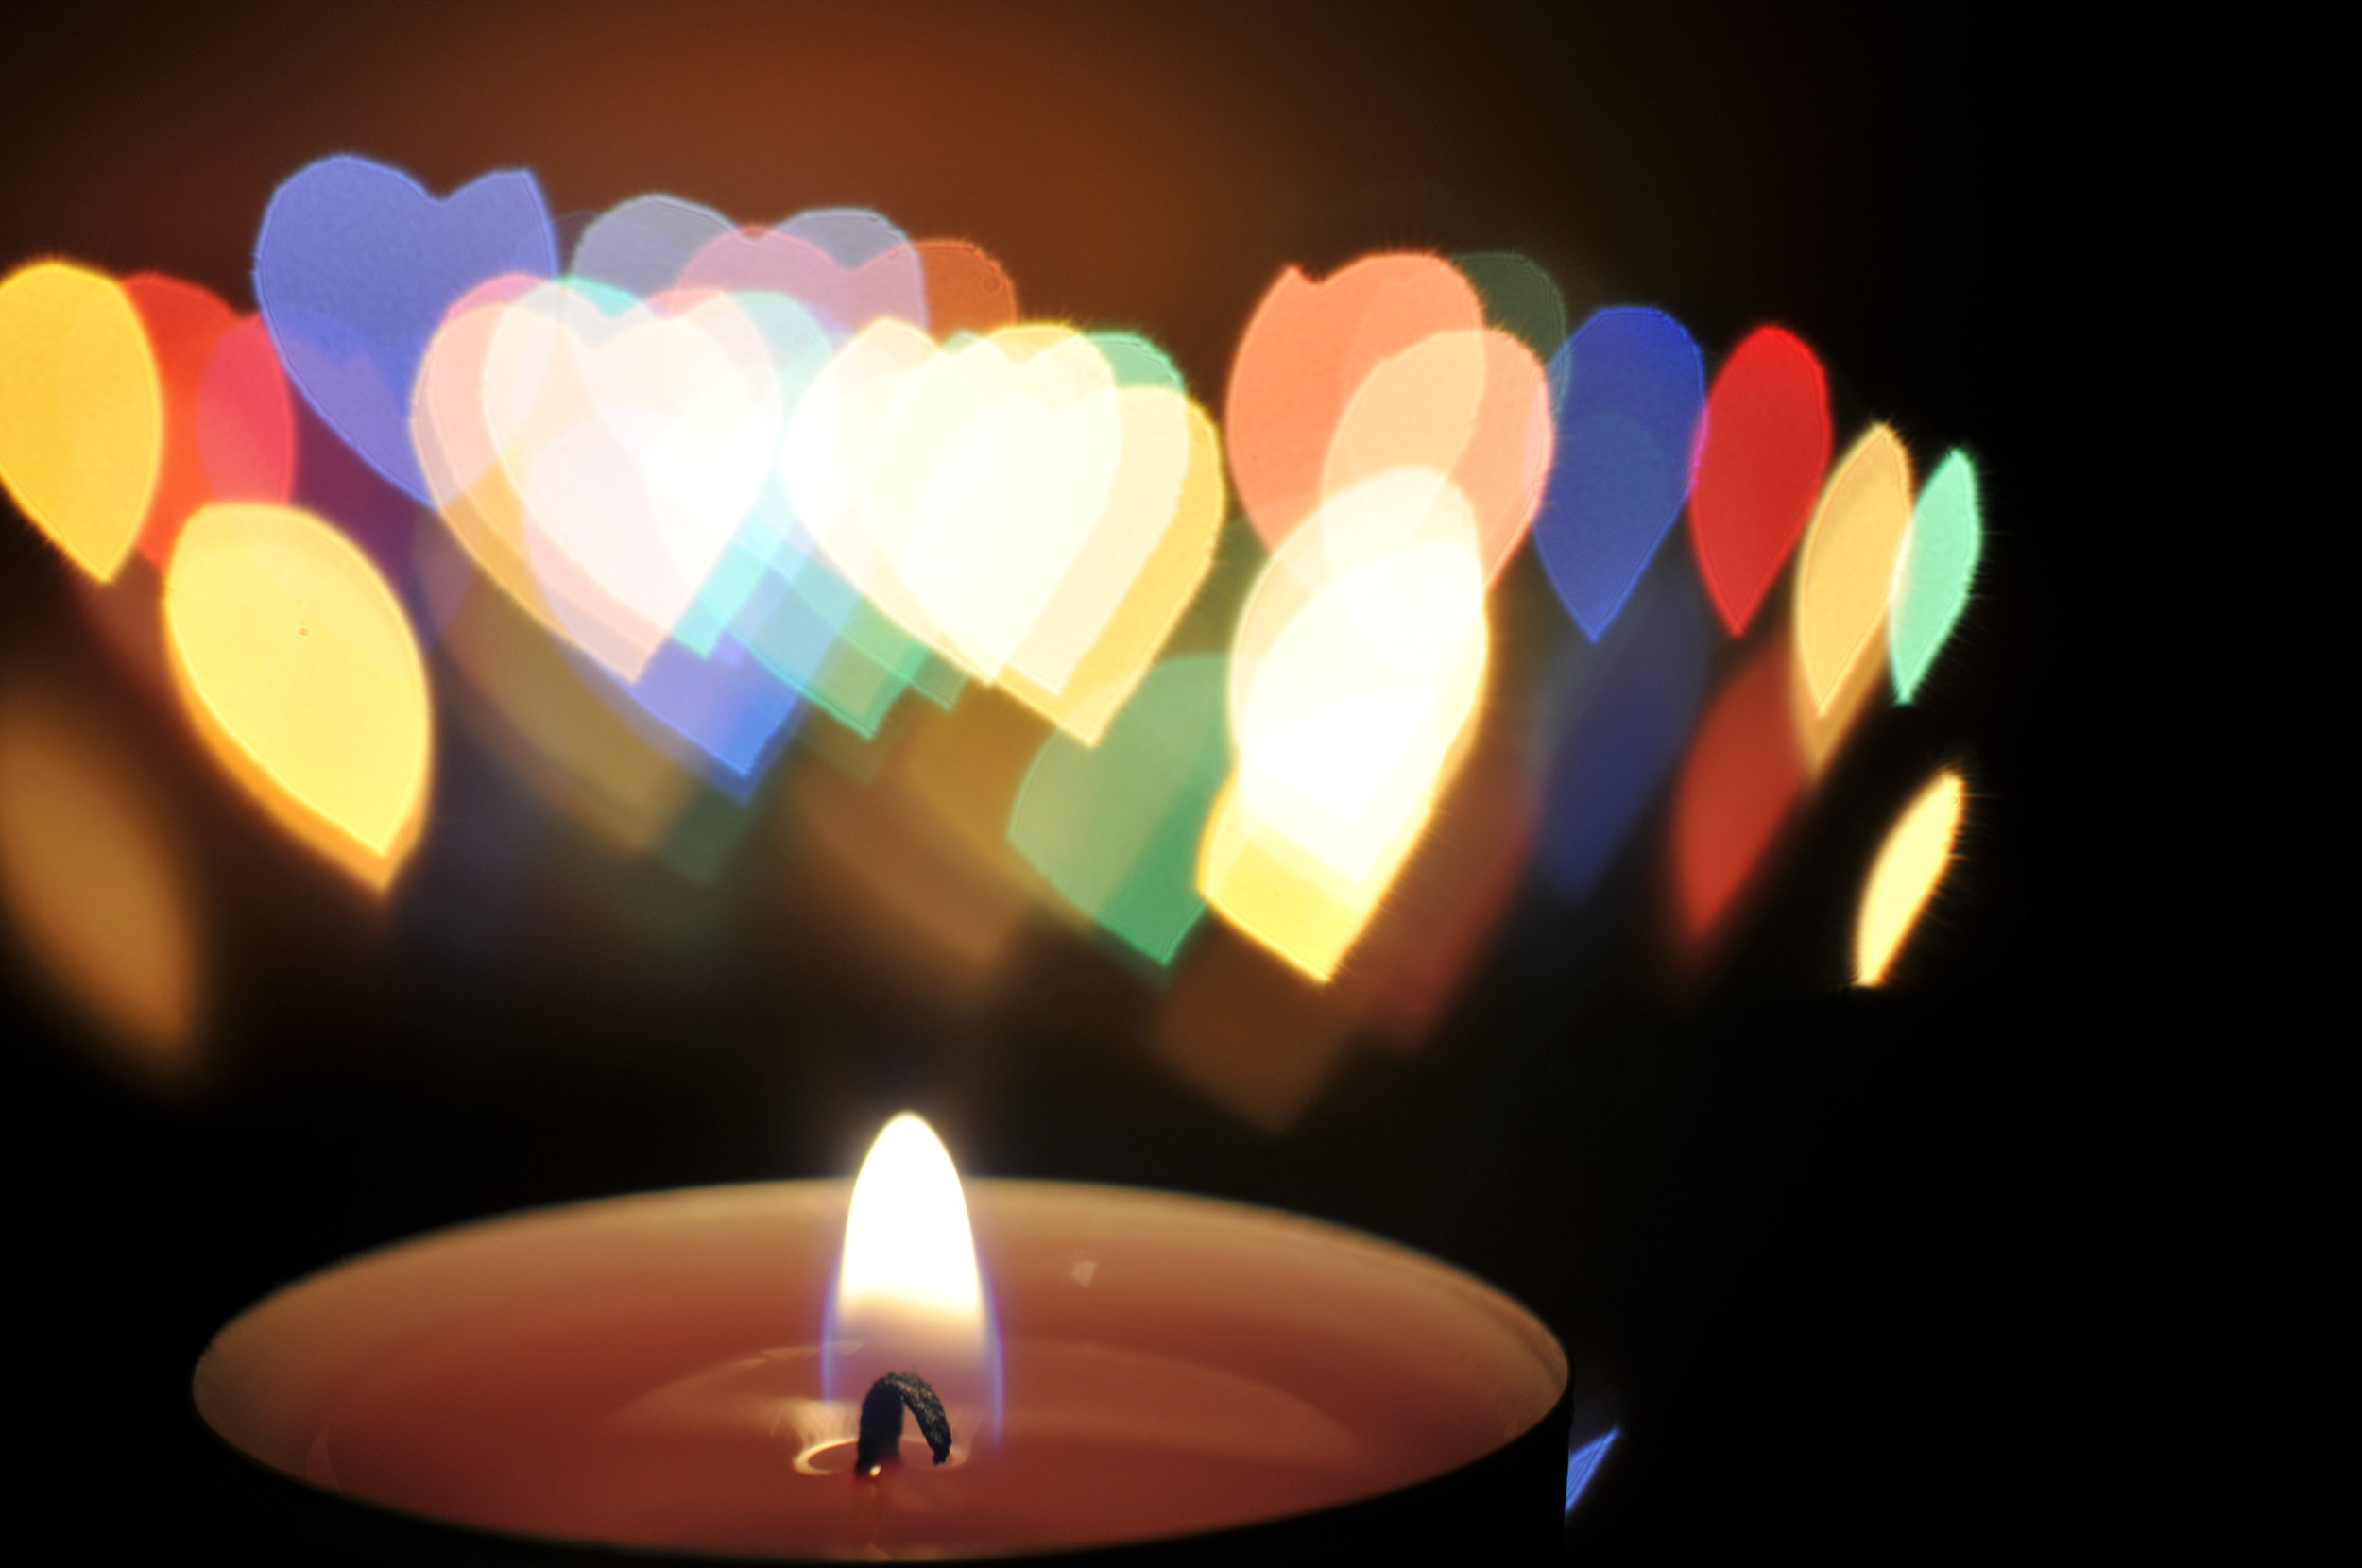 635889900292903401731657790_this-little-light.jpg